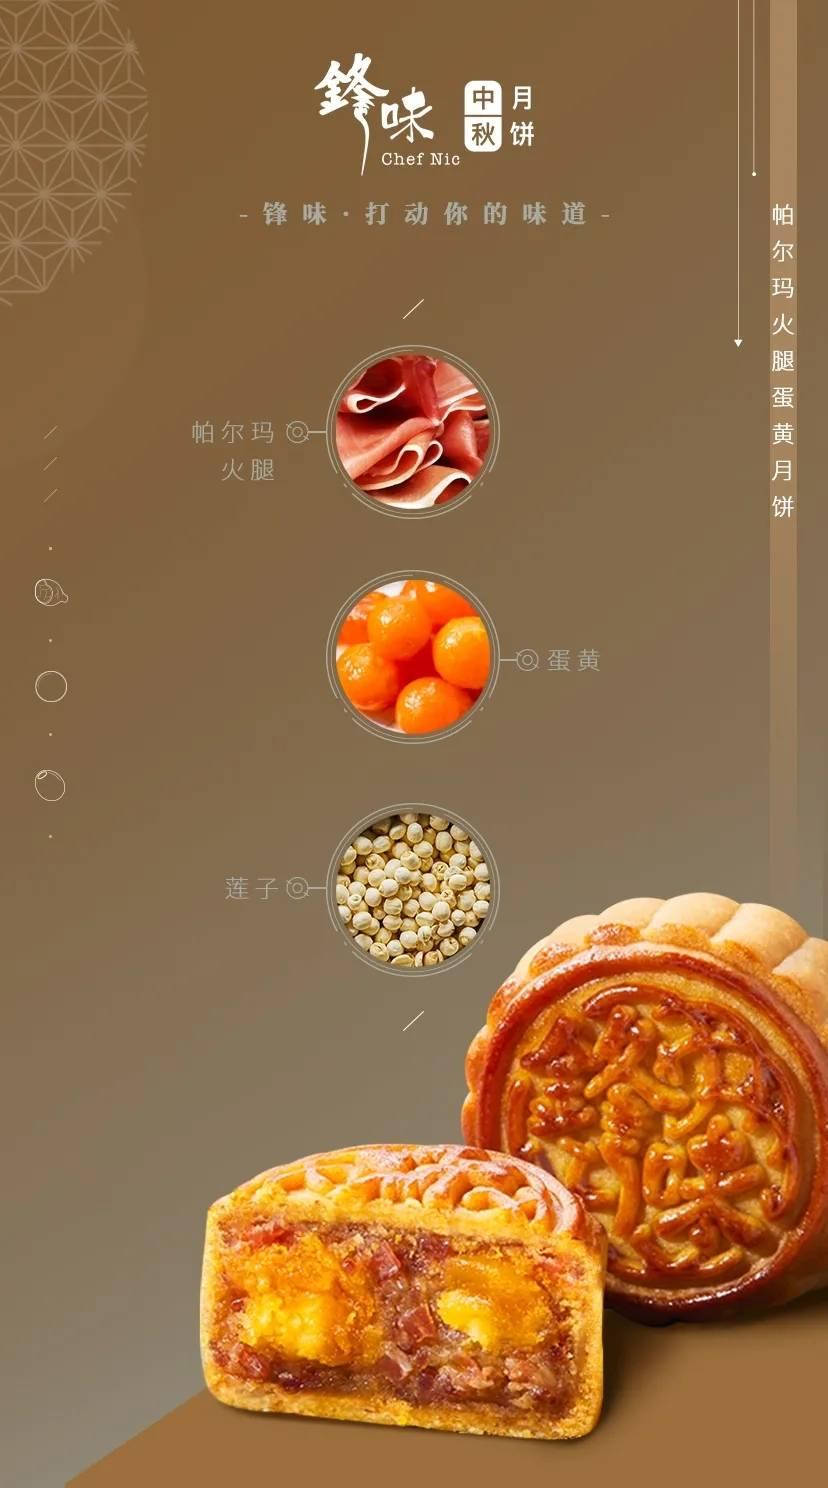 【全国包邮】锋味八粒装月饼,门市价298现仅售268,4粒 帕尔玛火腿蛋黄月饼,4粒 陈皮豆沙蛋黄月饼